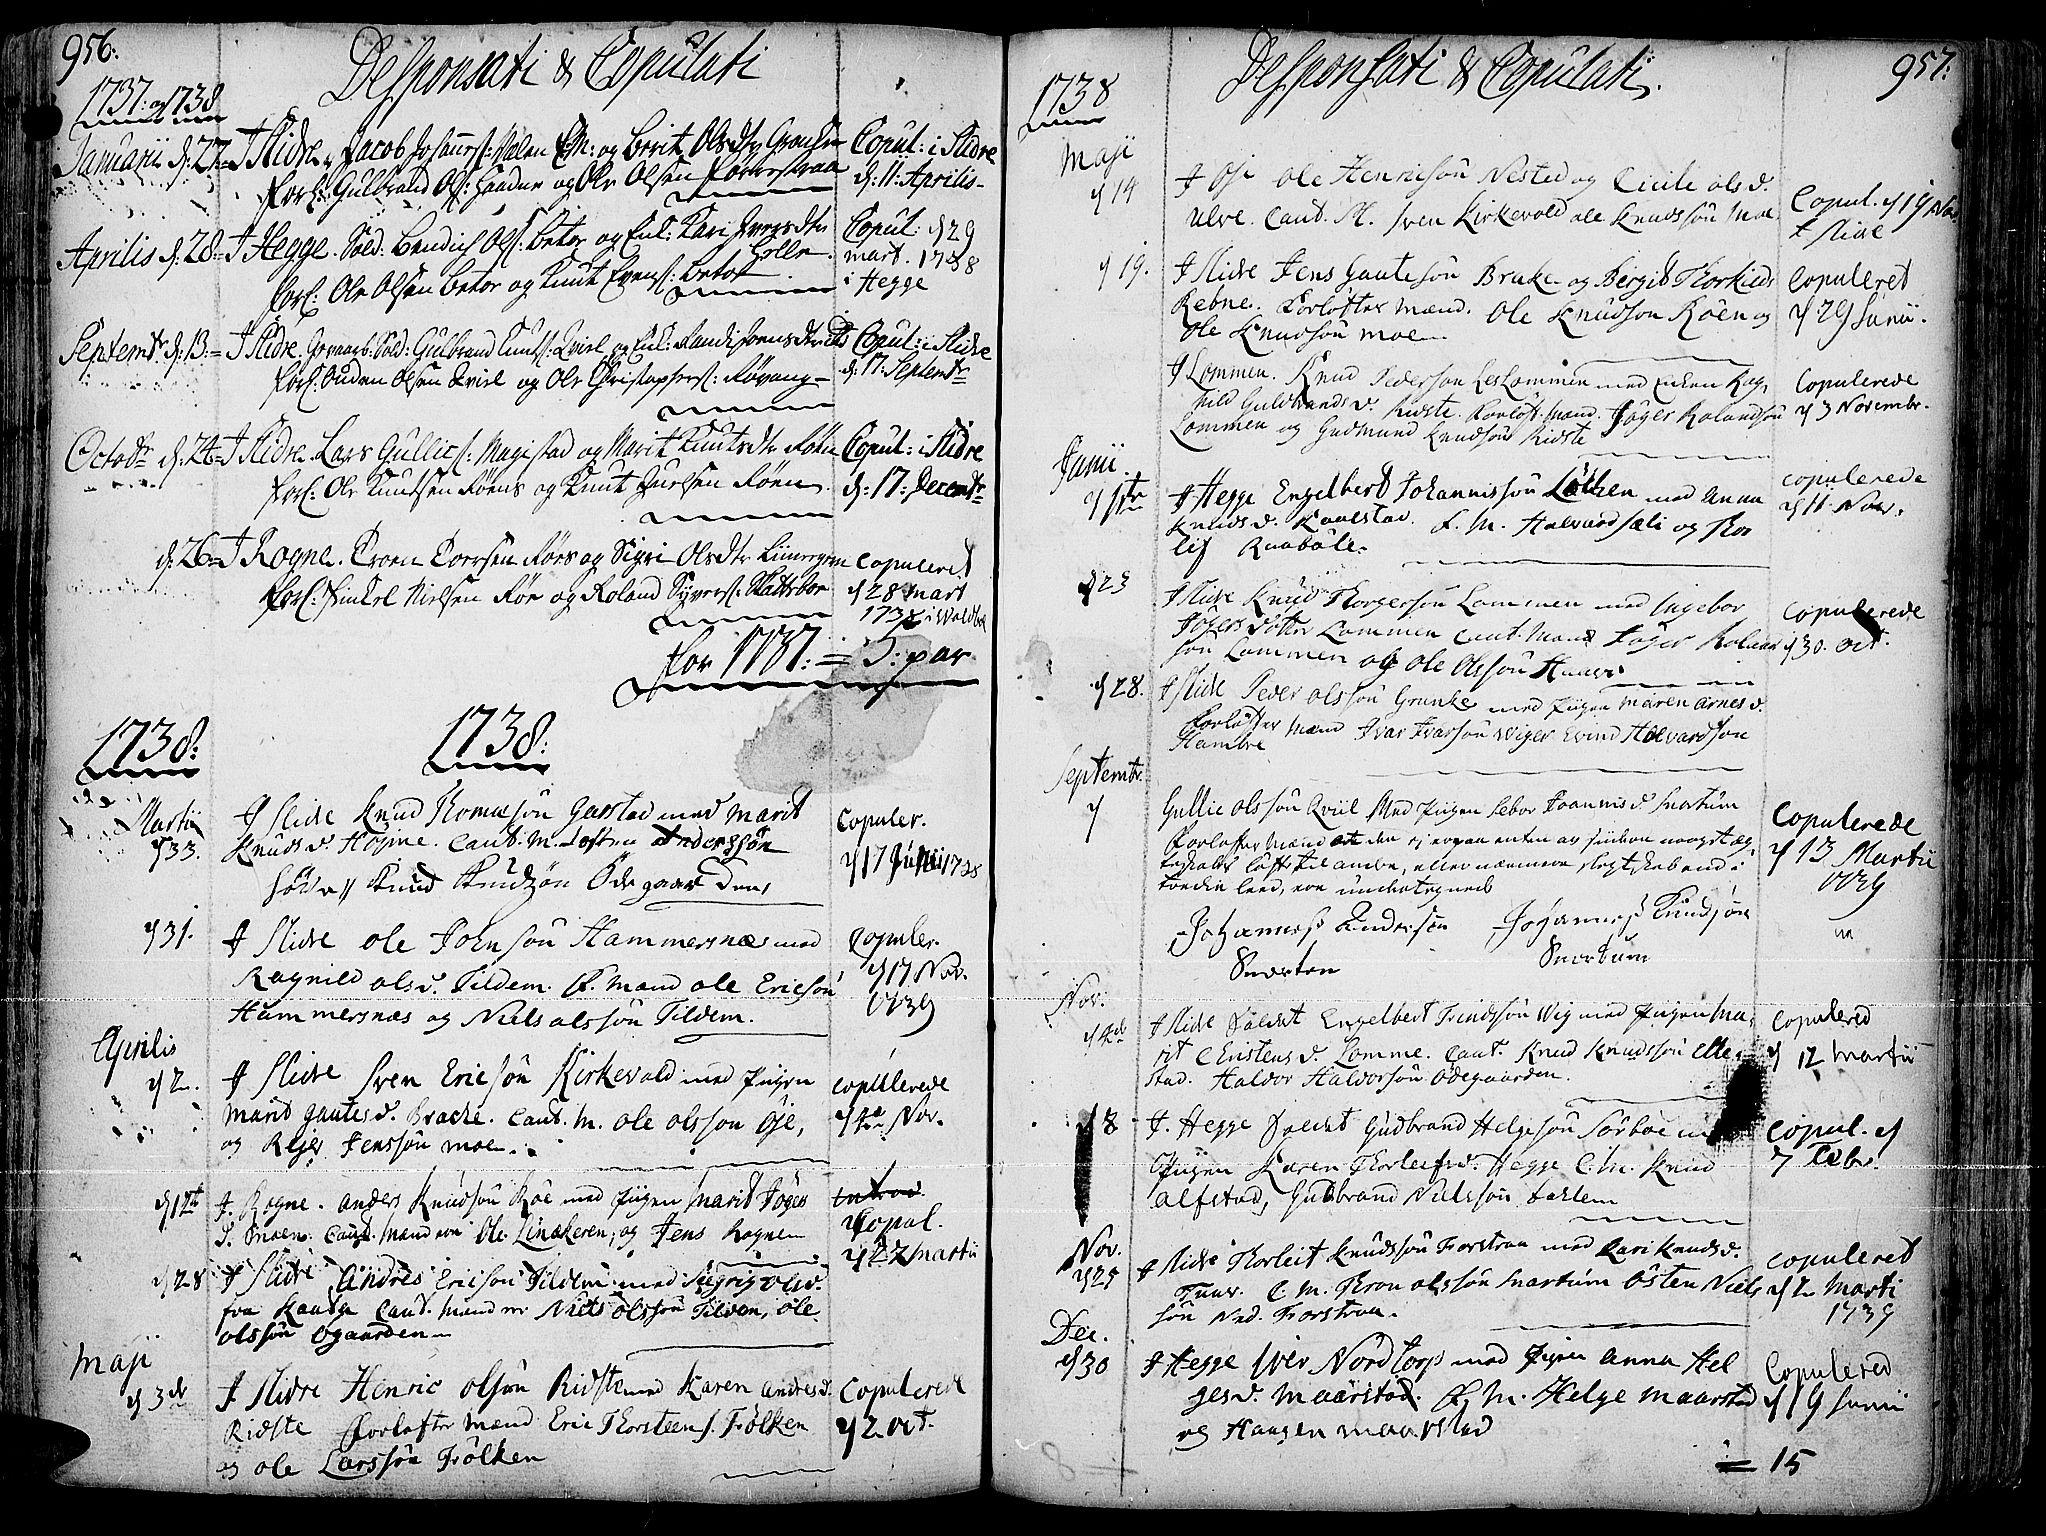 SAH, Slidre prestekontor, Ministerialbok nr. 1, 1724-1814, s. 956-957